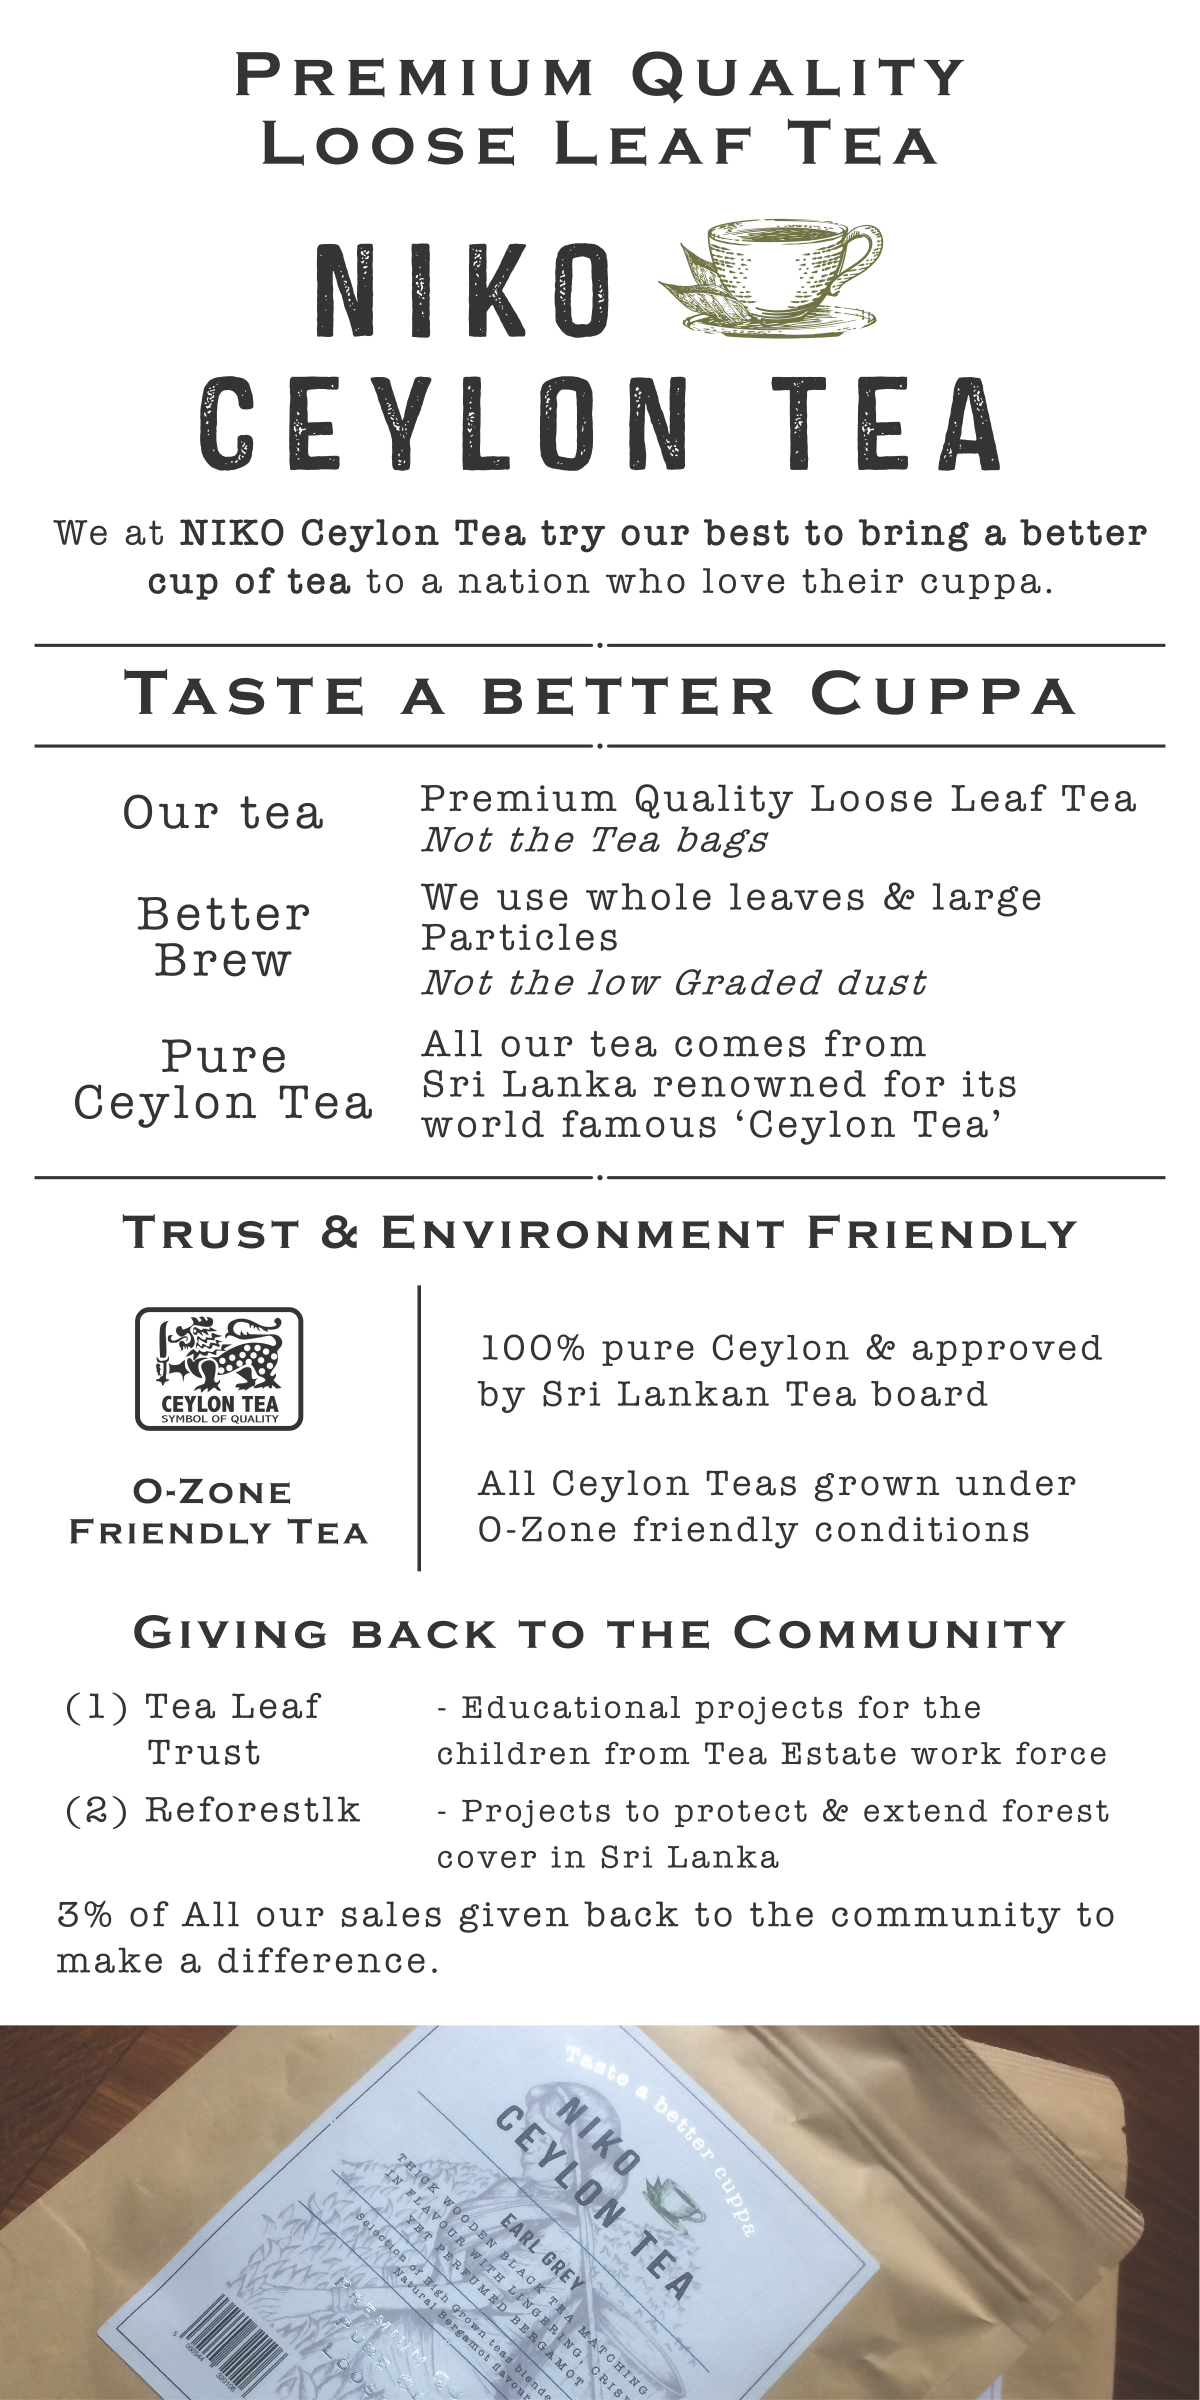 A leaflet design